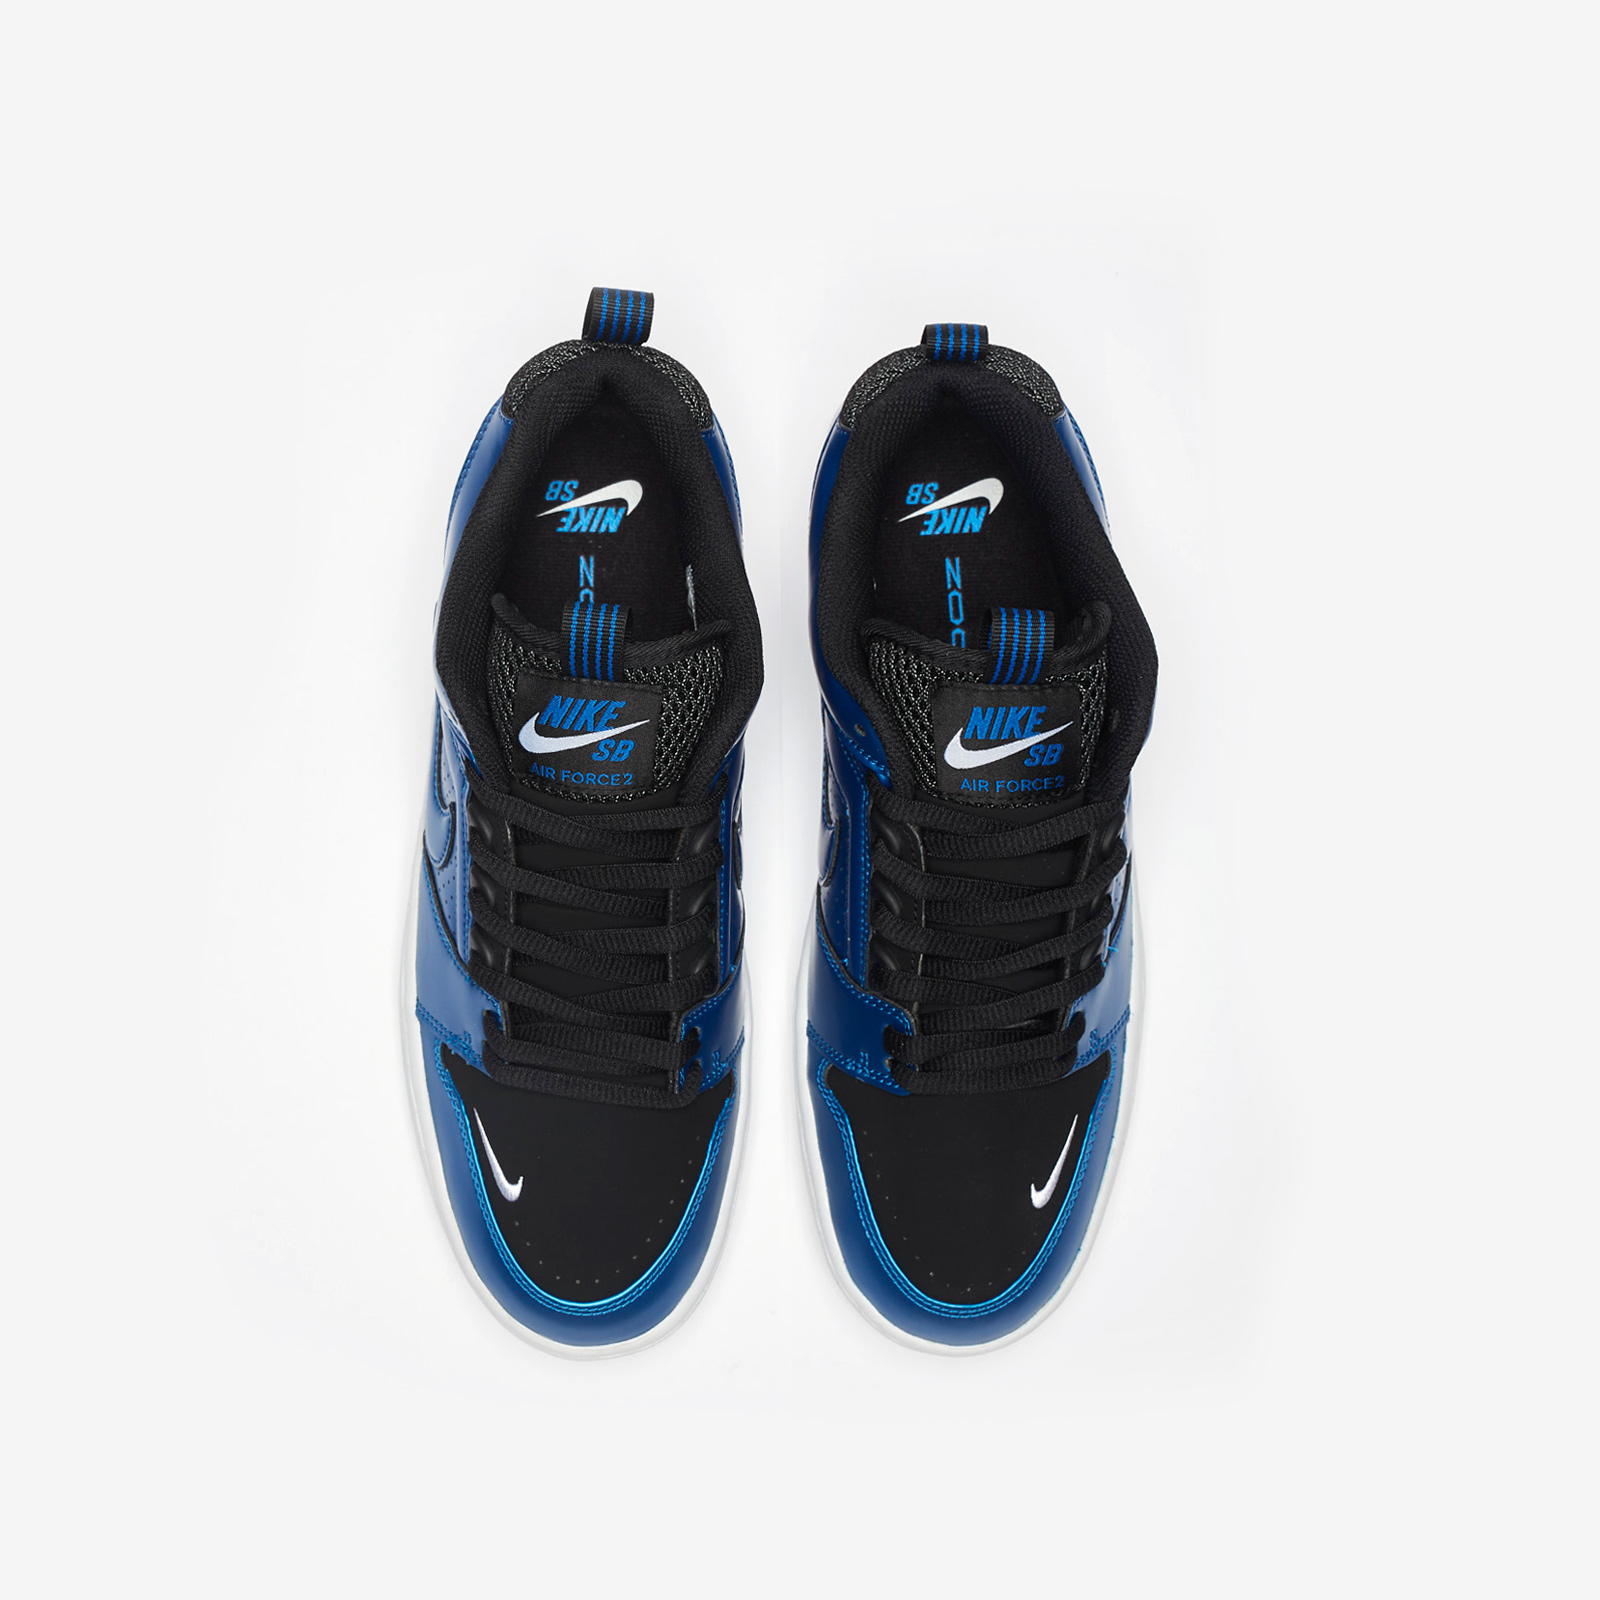 0554c481fec Nike SB Air Force Low II QS - Av3800-440 - Sneakersnstuff